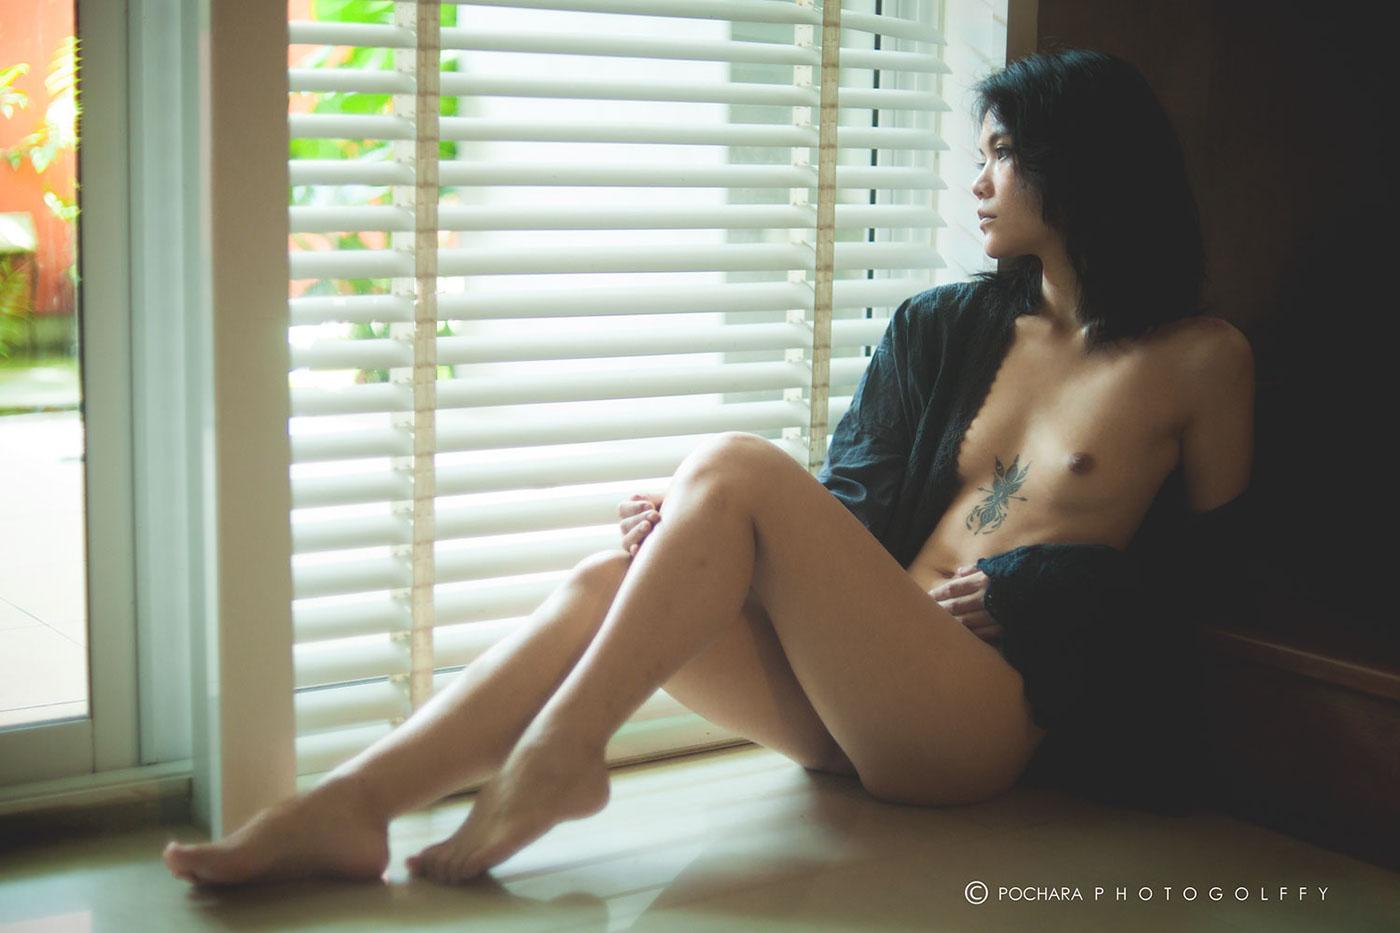 Eva by Pochara Photogolffy